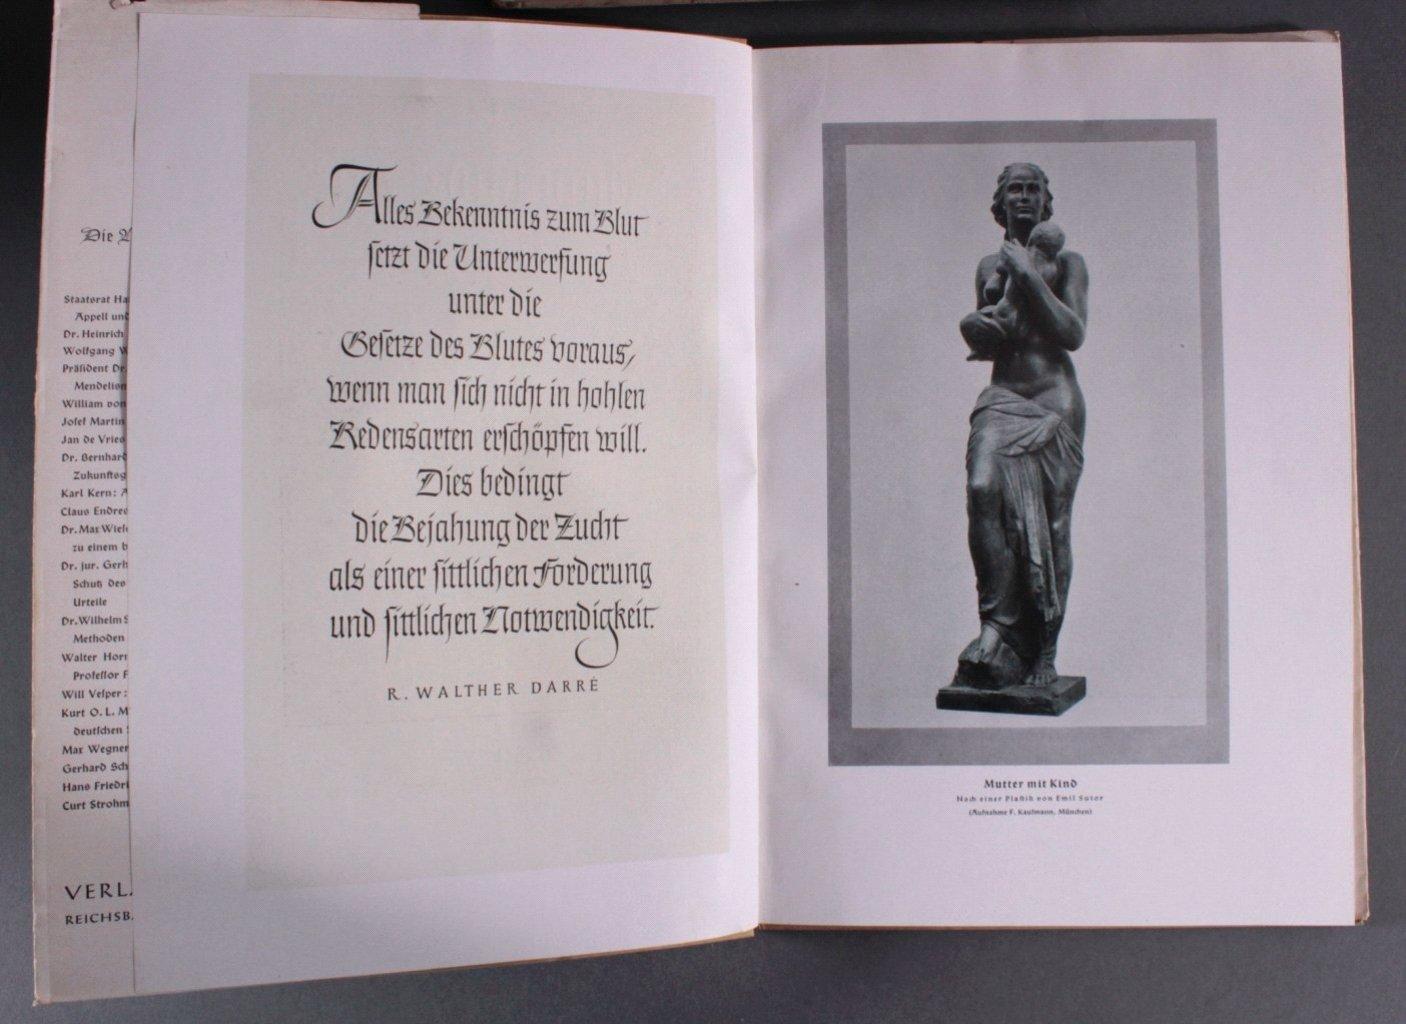 Drittes Reich Propaganda, Zucht und Sitte Schriften-2